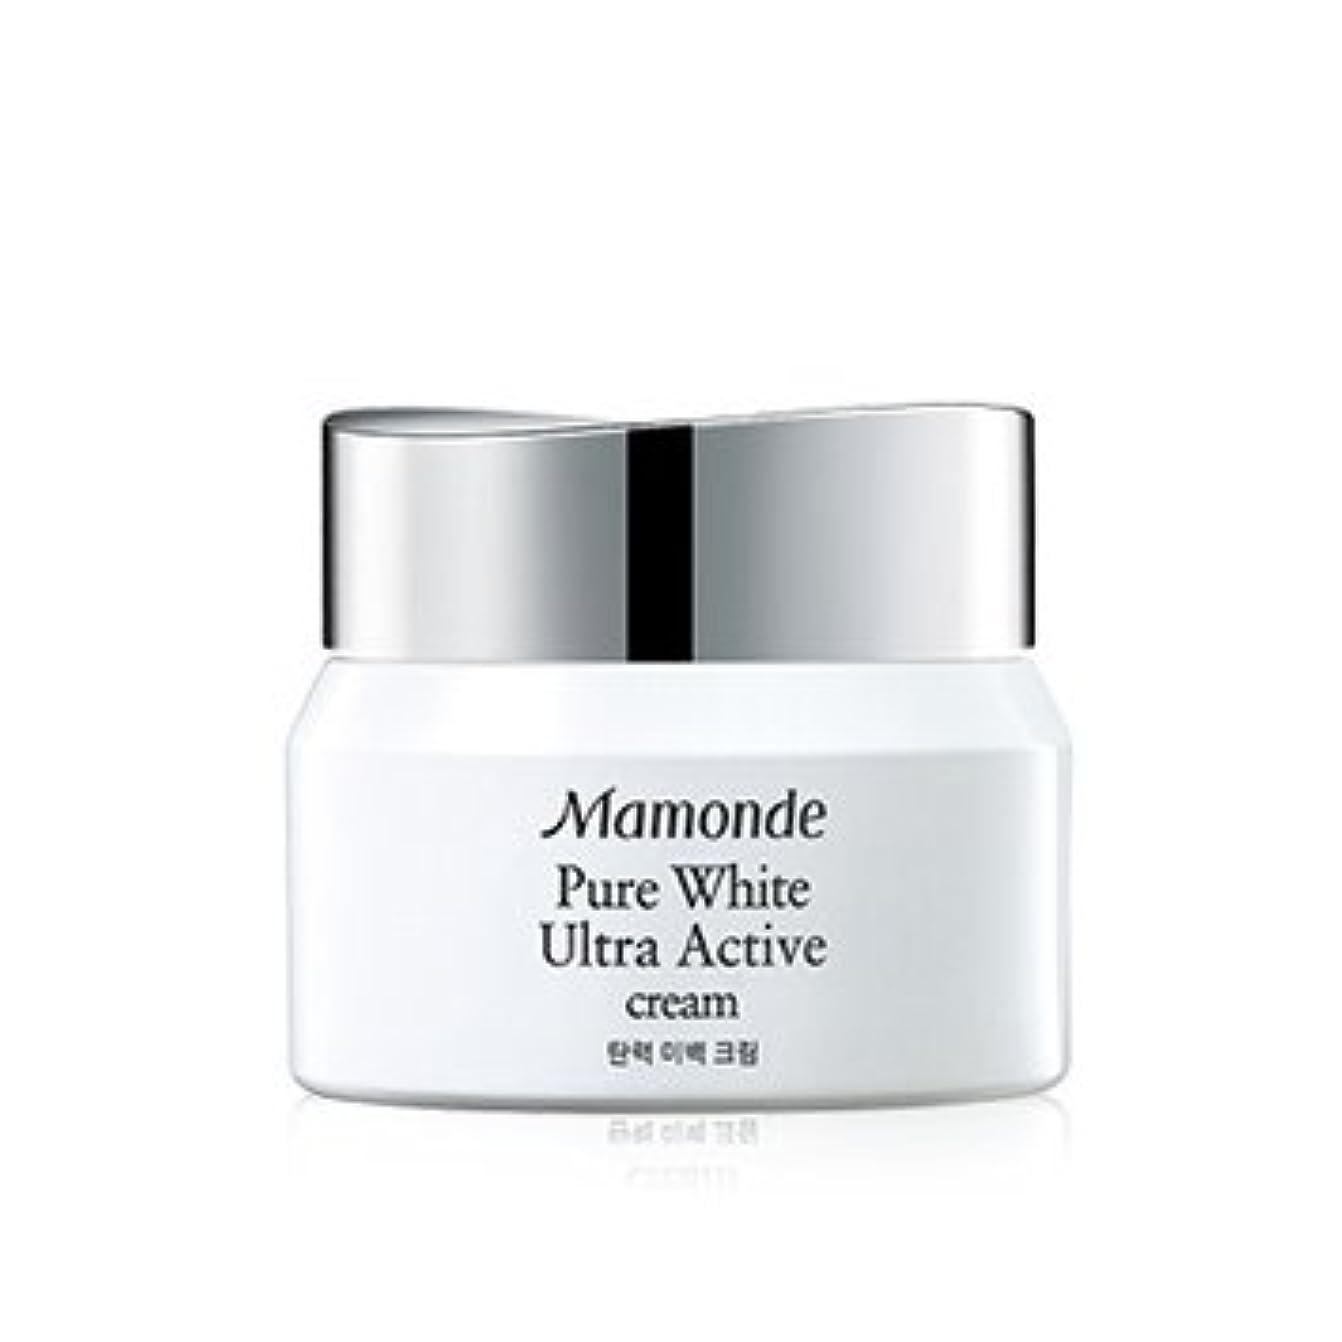 オンス黒なしでMamonde Pure White Ultra Active Cream 50ml/マモンド ピュア ホワイト ウルトラ アクティブ クリーム 50ml [並行輸入品]